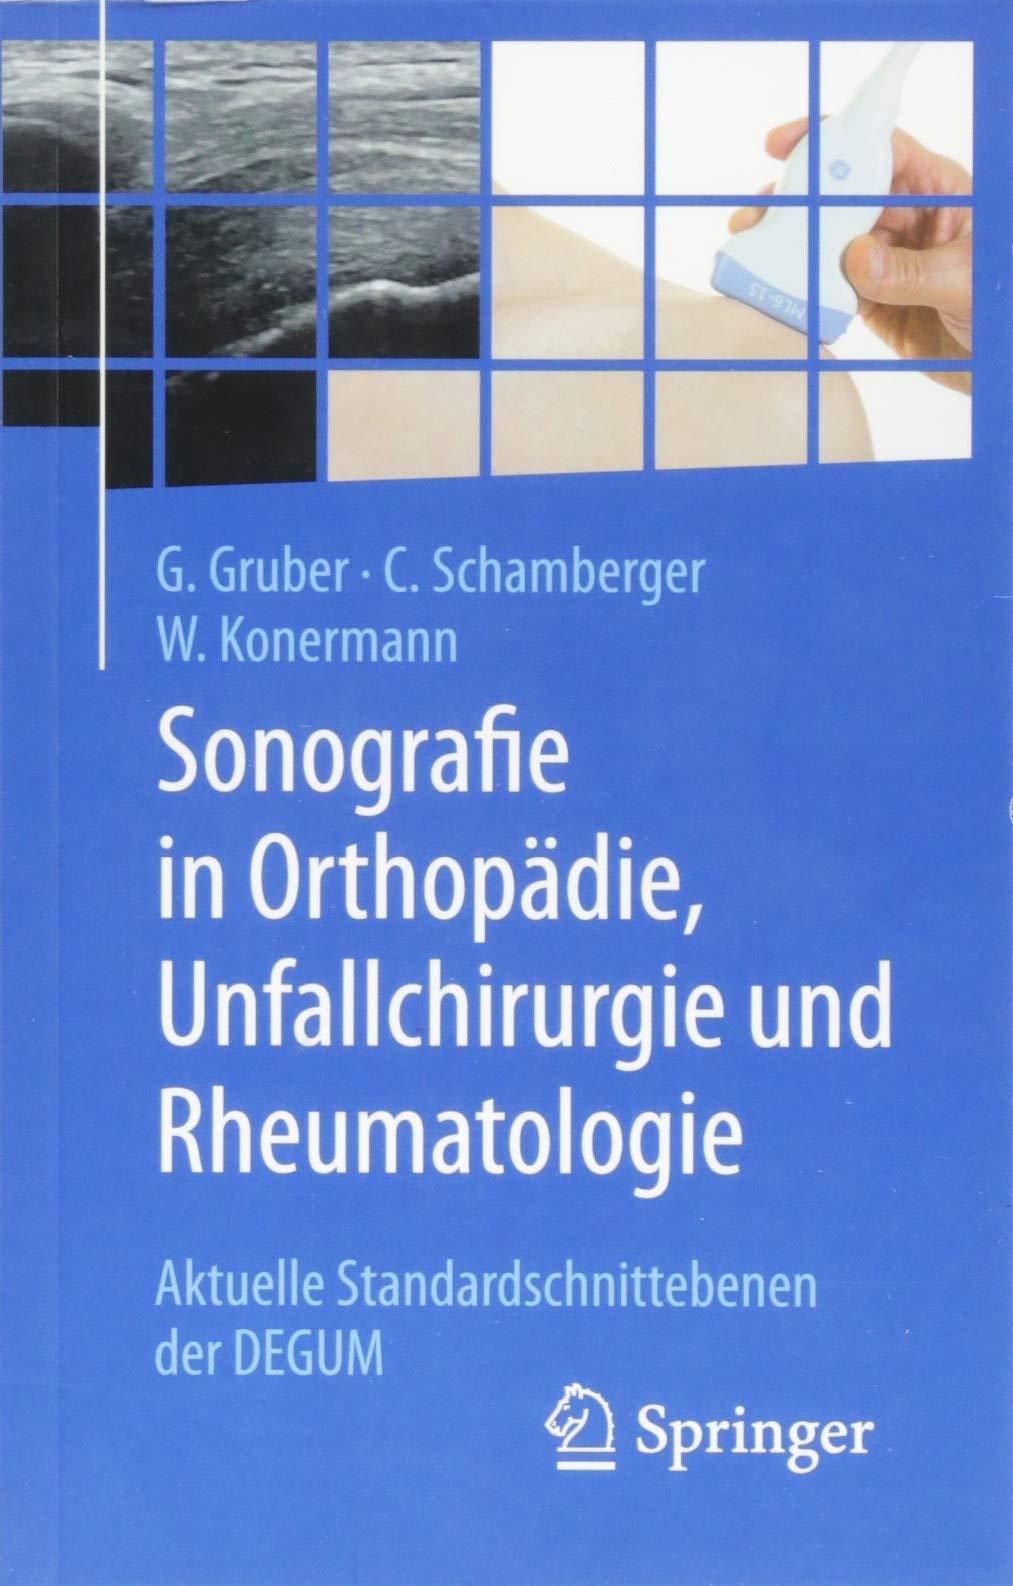 Sonografie In Orthopädie Unfallchirurgie Und Rheumatologie  Aktuelle Standardschnittebenen Der DEGUM